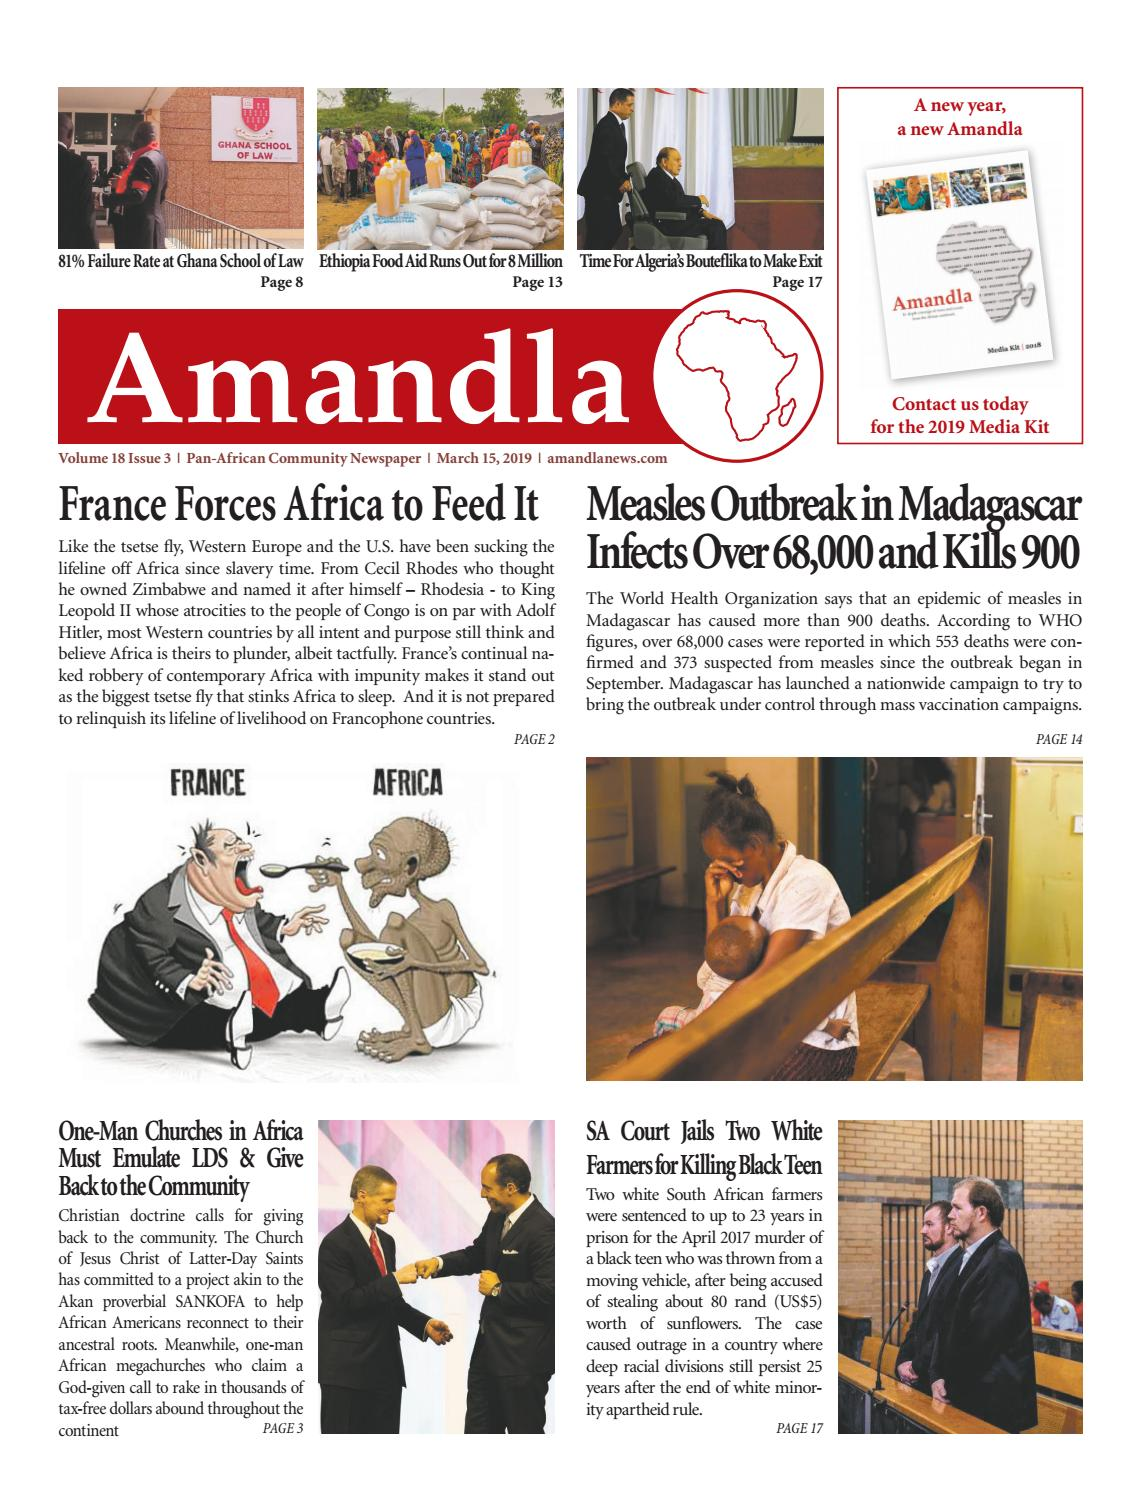 Amandla News - March 2019 by Amandla News - issuu